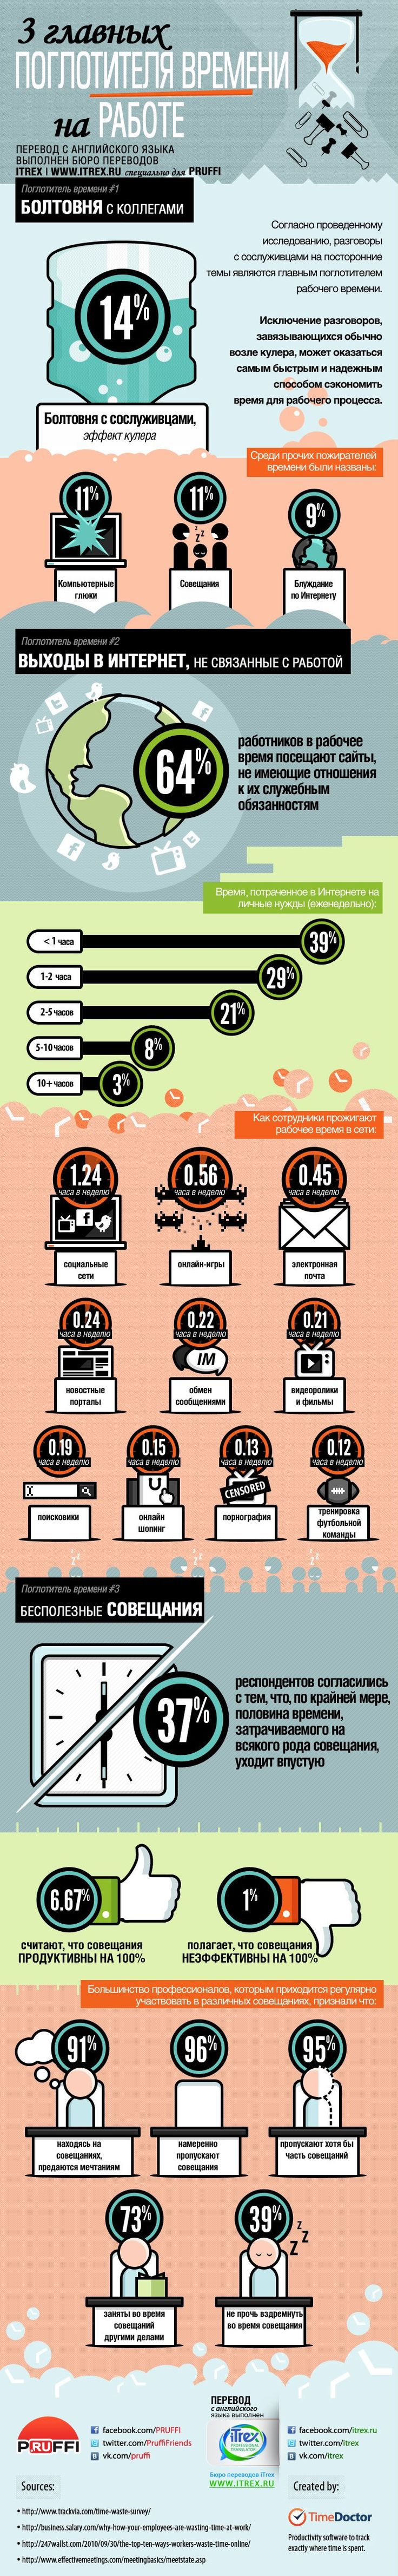 Согласно проведенному исследованию, разговоры с сослуживцами на посторонние темы являются главным поглотителем рабочего времени. Исключение разговоров, завязывающихся обычно возле кулера, может оказаться самым быстрым и надежным способом сэкономить время для рабочего процесса.#инфографика